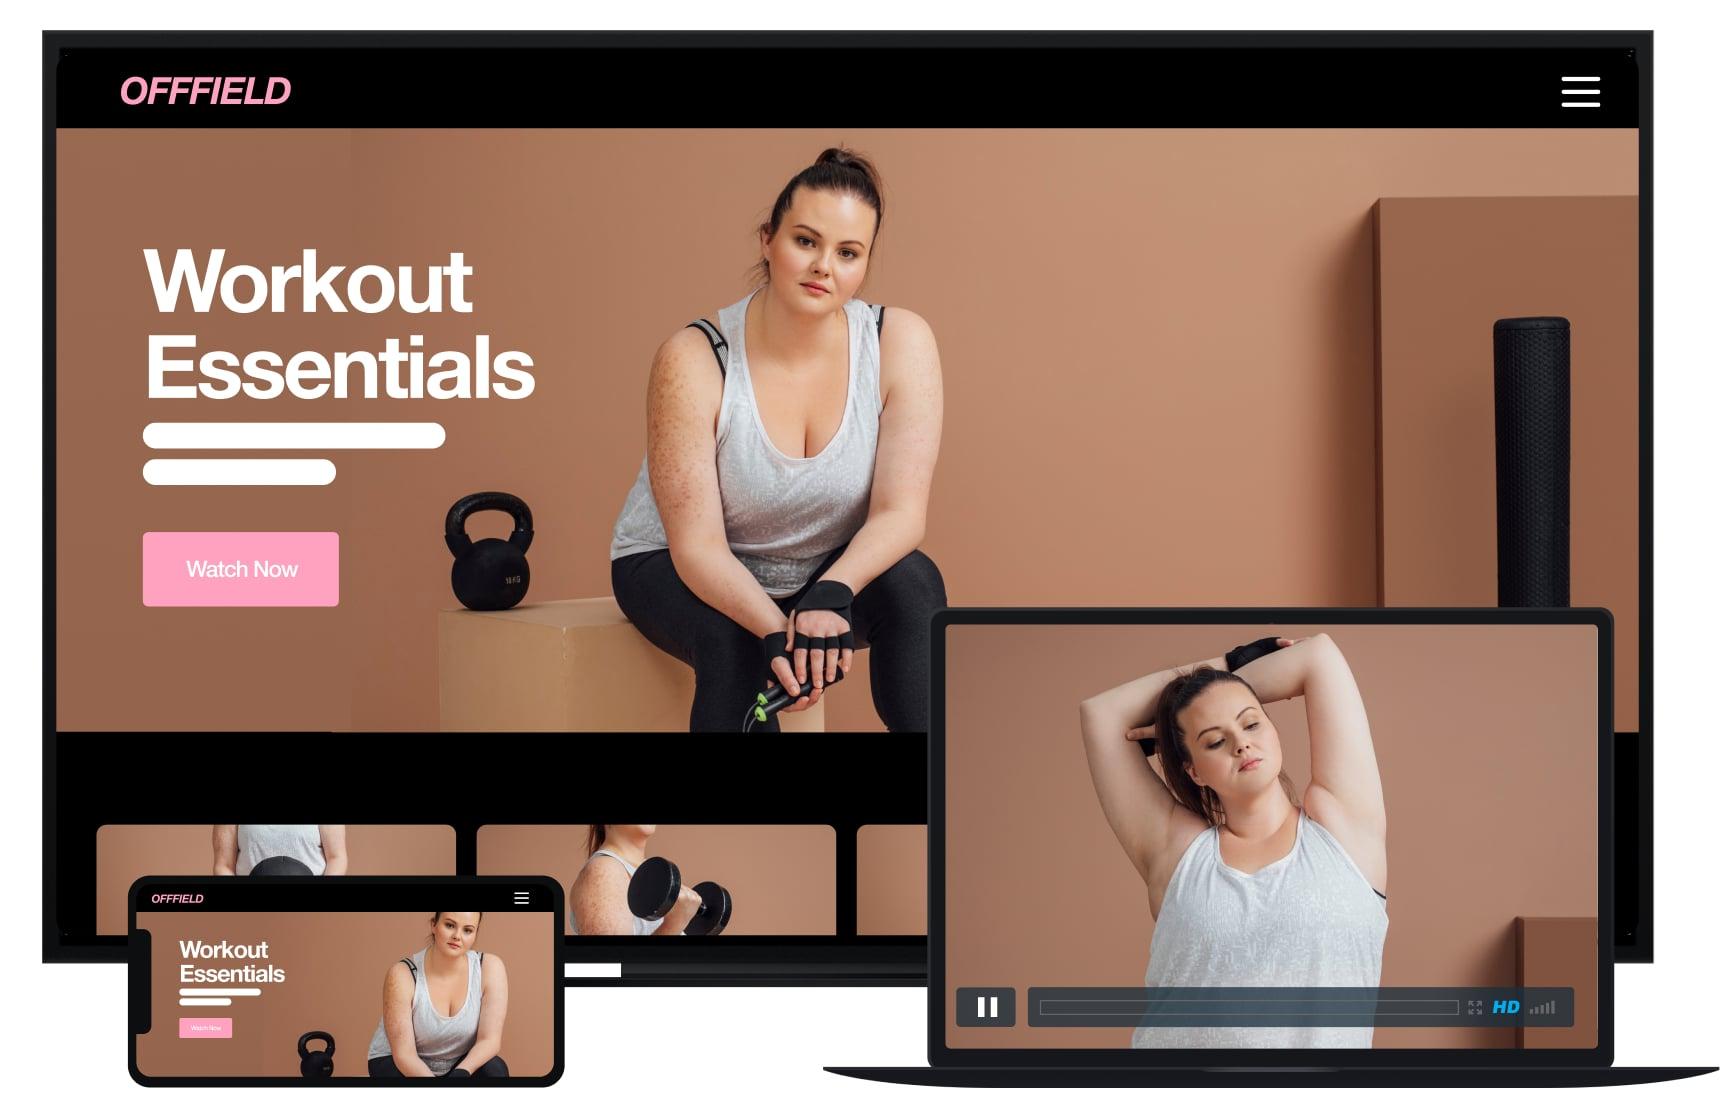 manbetx篮球赛事Vimeo Ott产品跨多个设备